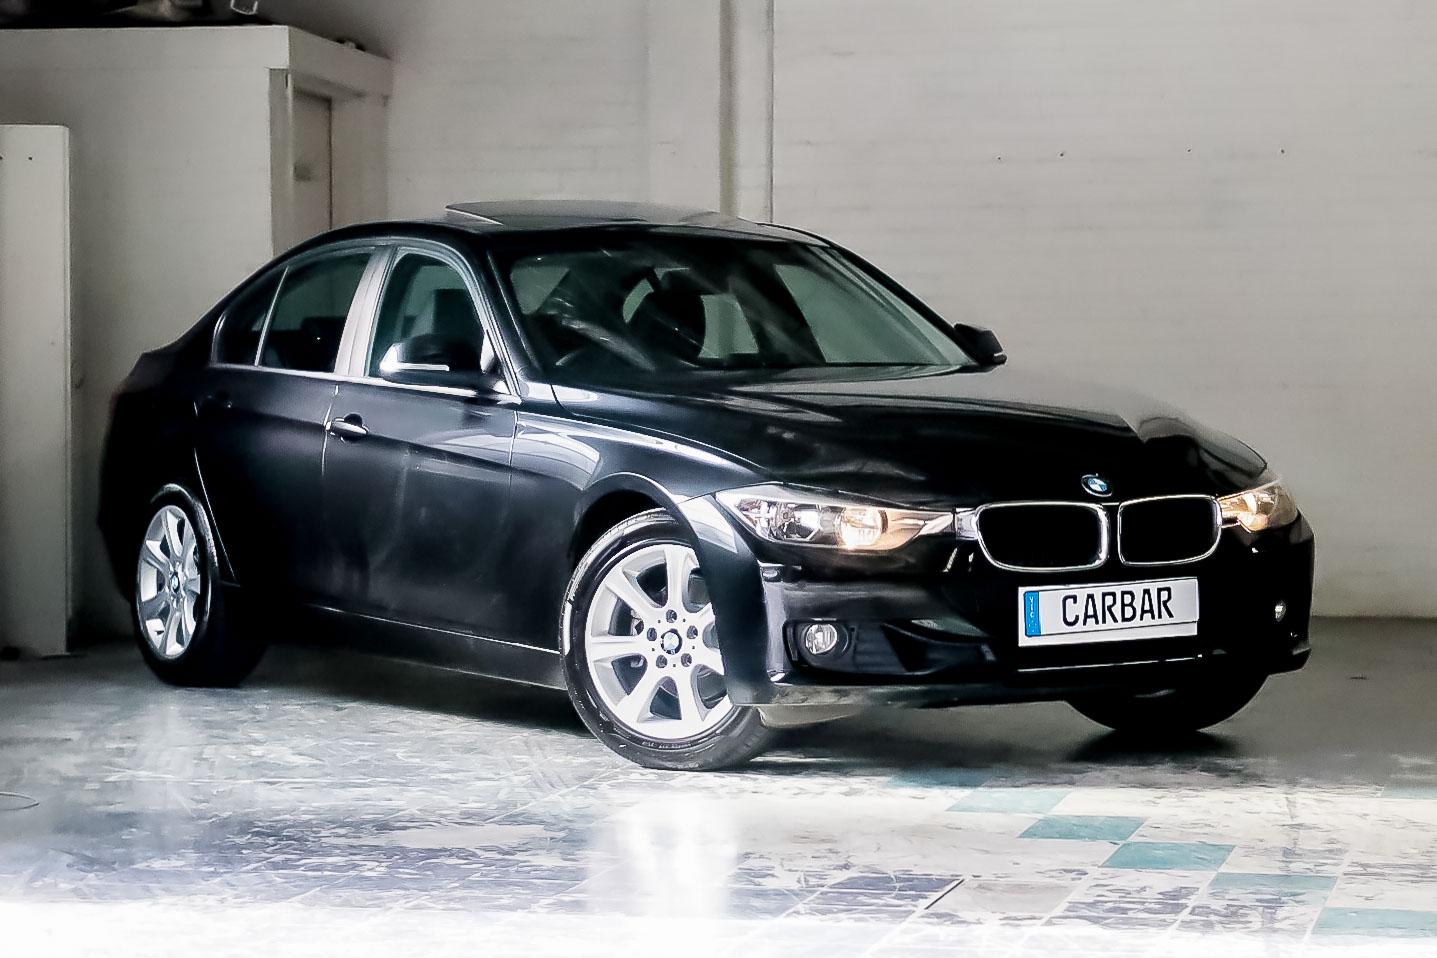 Carbar-2013-BMW-320i-879620180706-173323.jpg